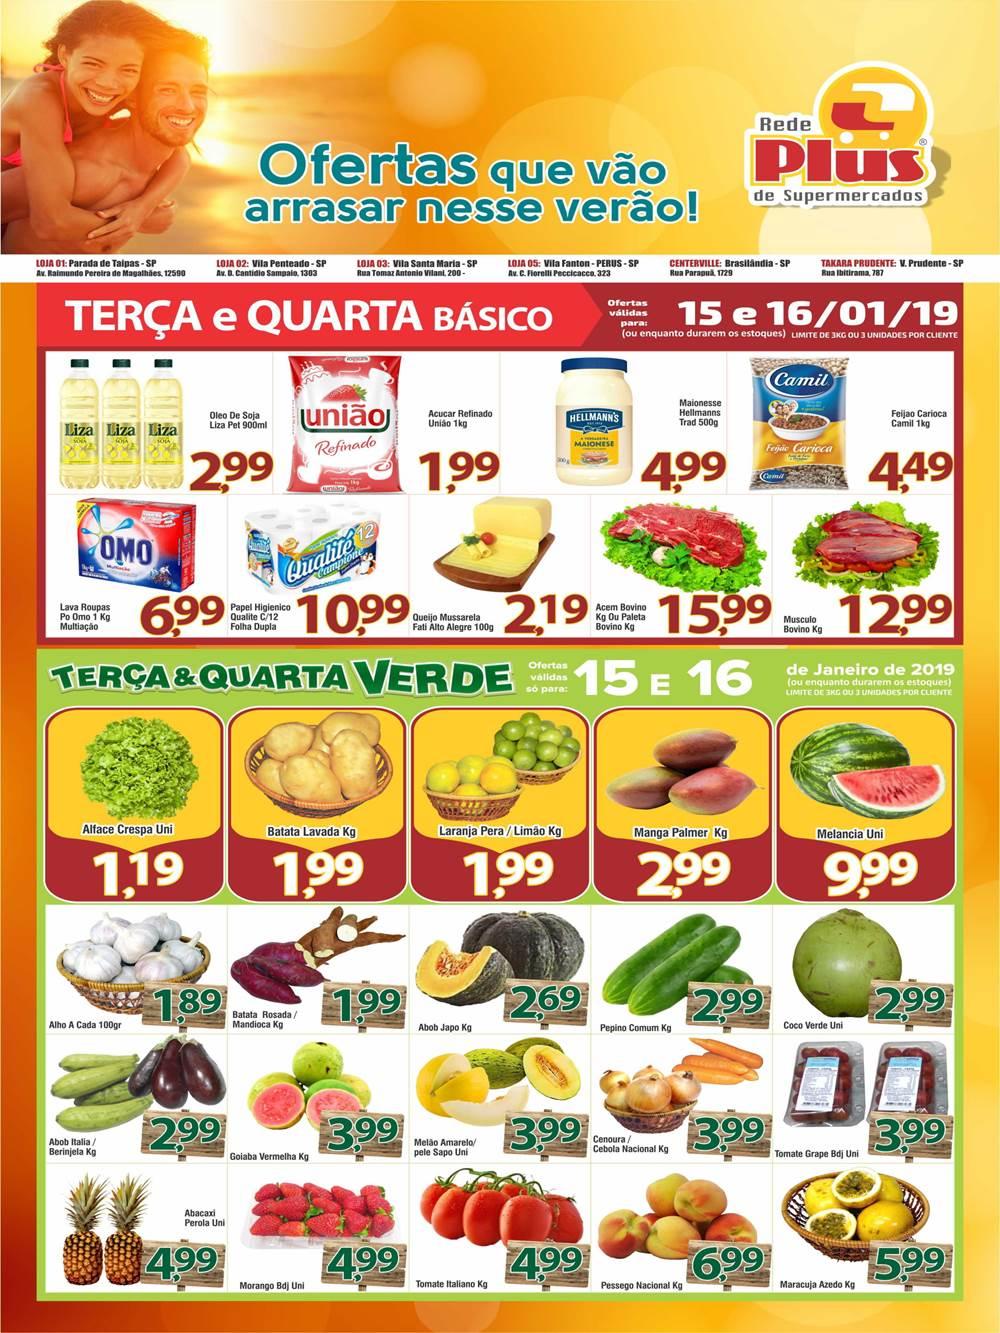 Ofertas-redeplustakara1 Rede Plus até 17/01